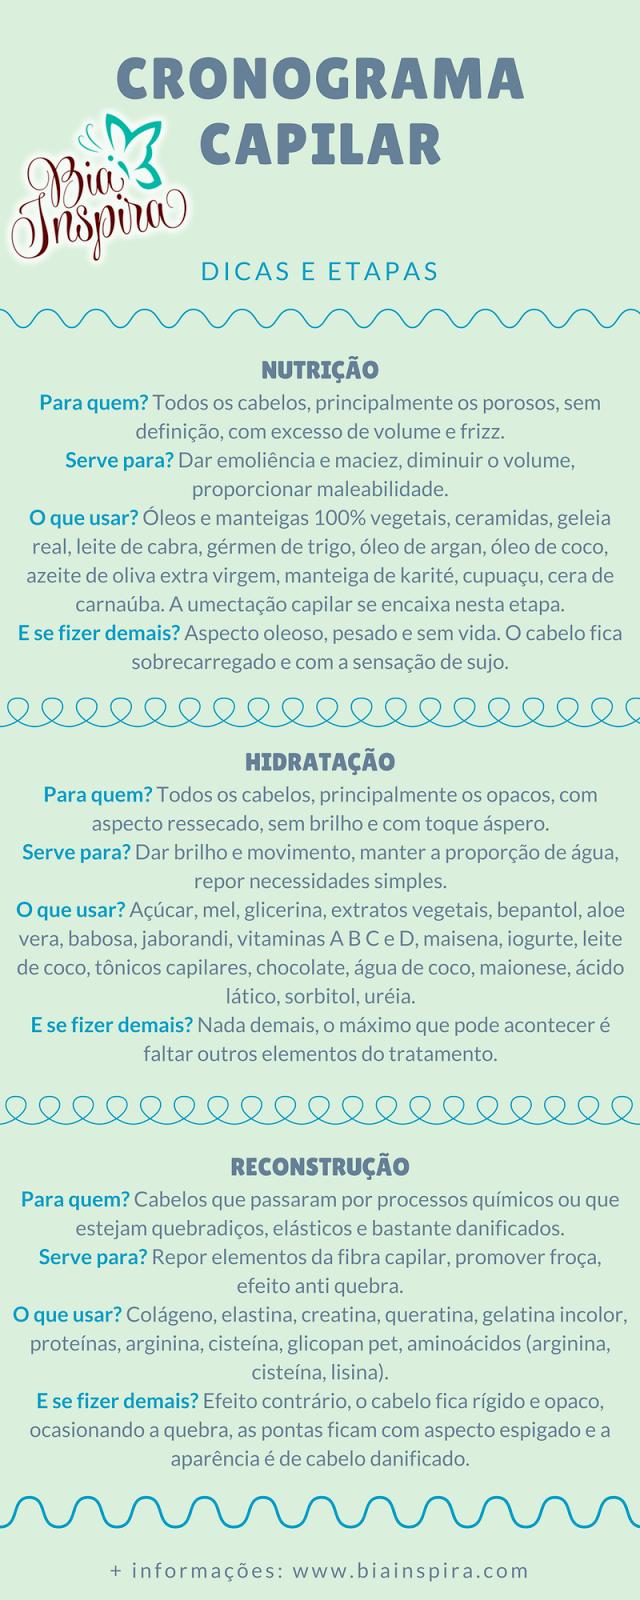 Infográfico sobre as etapas de nutrição, reconstrução e hidratação do cronograma capilar